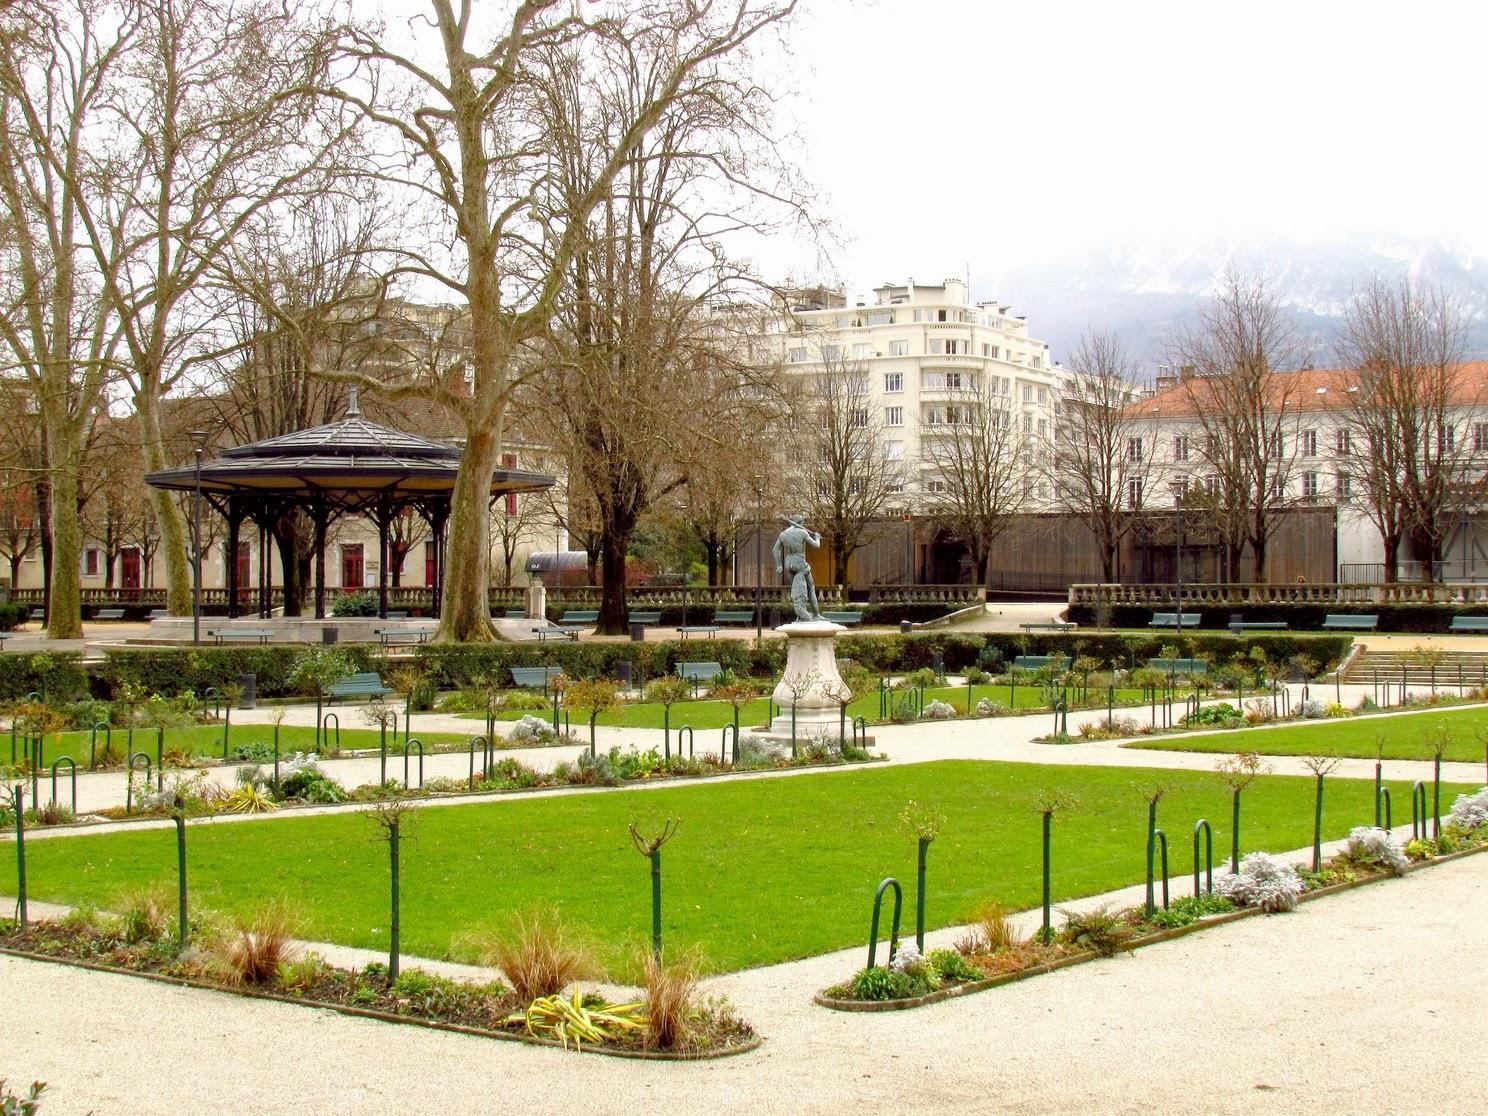 Blog photos de patrice clich s pris en parcourant les rues de grenoble - Creche jardin de ville grenoble ...